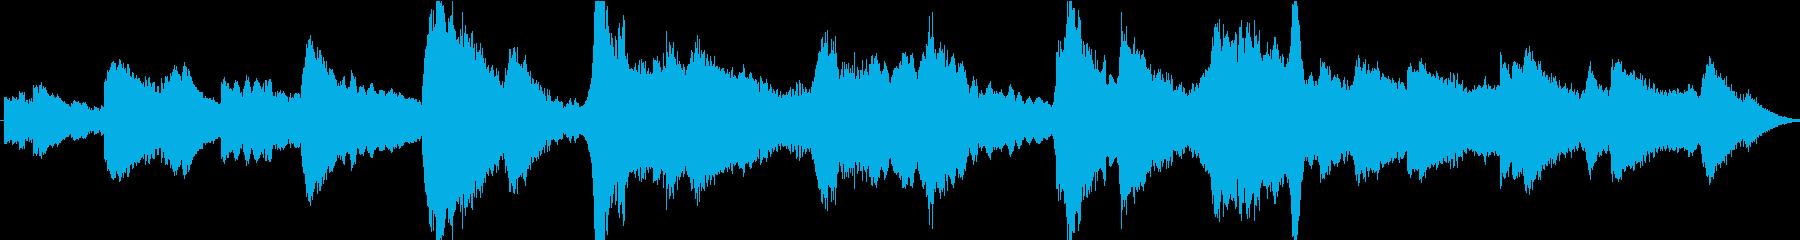 非常にユニークで奇妙なビブラフォン...の再生済みの波形